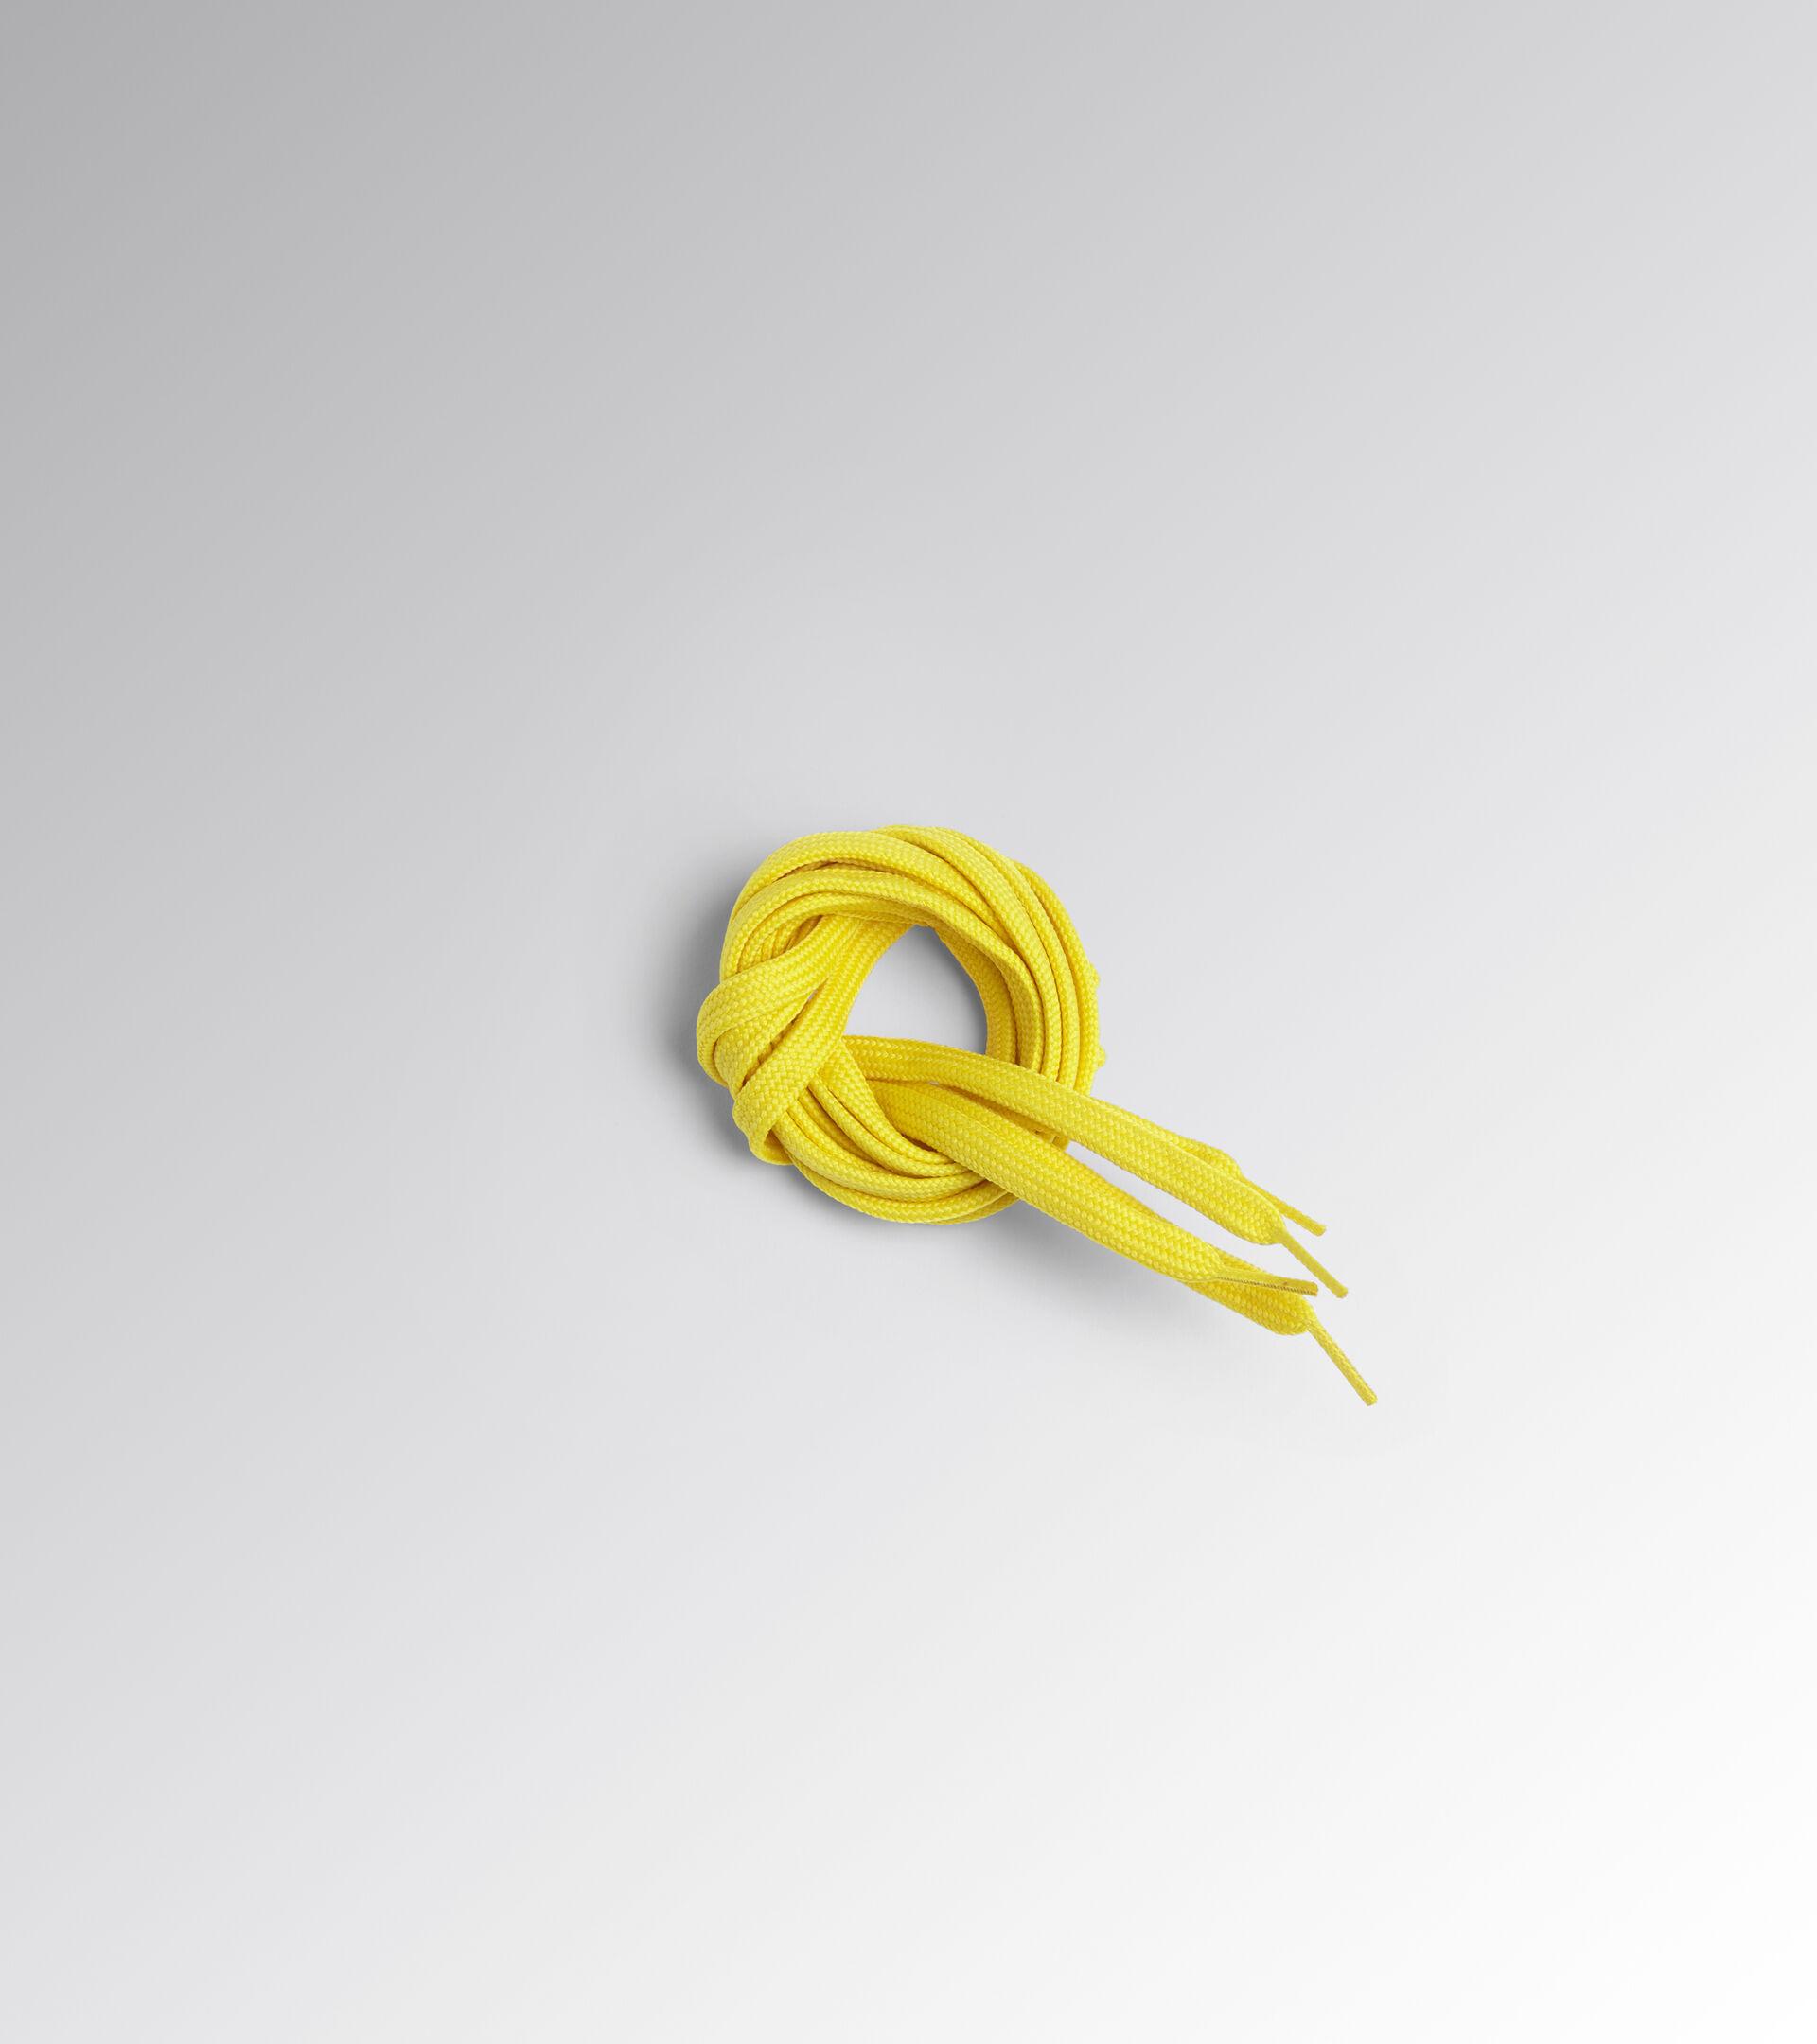 Accessories Utility UOMO LACCI PIATTO TERMO 120 YELLOW UTILITY Utility